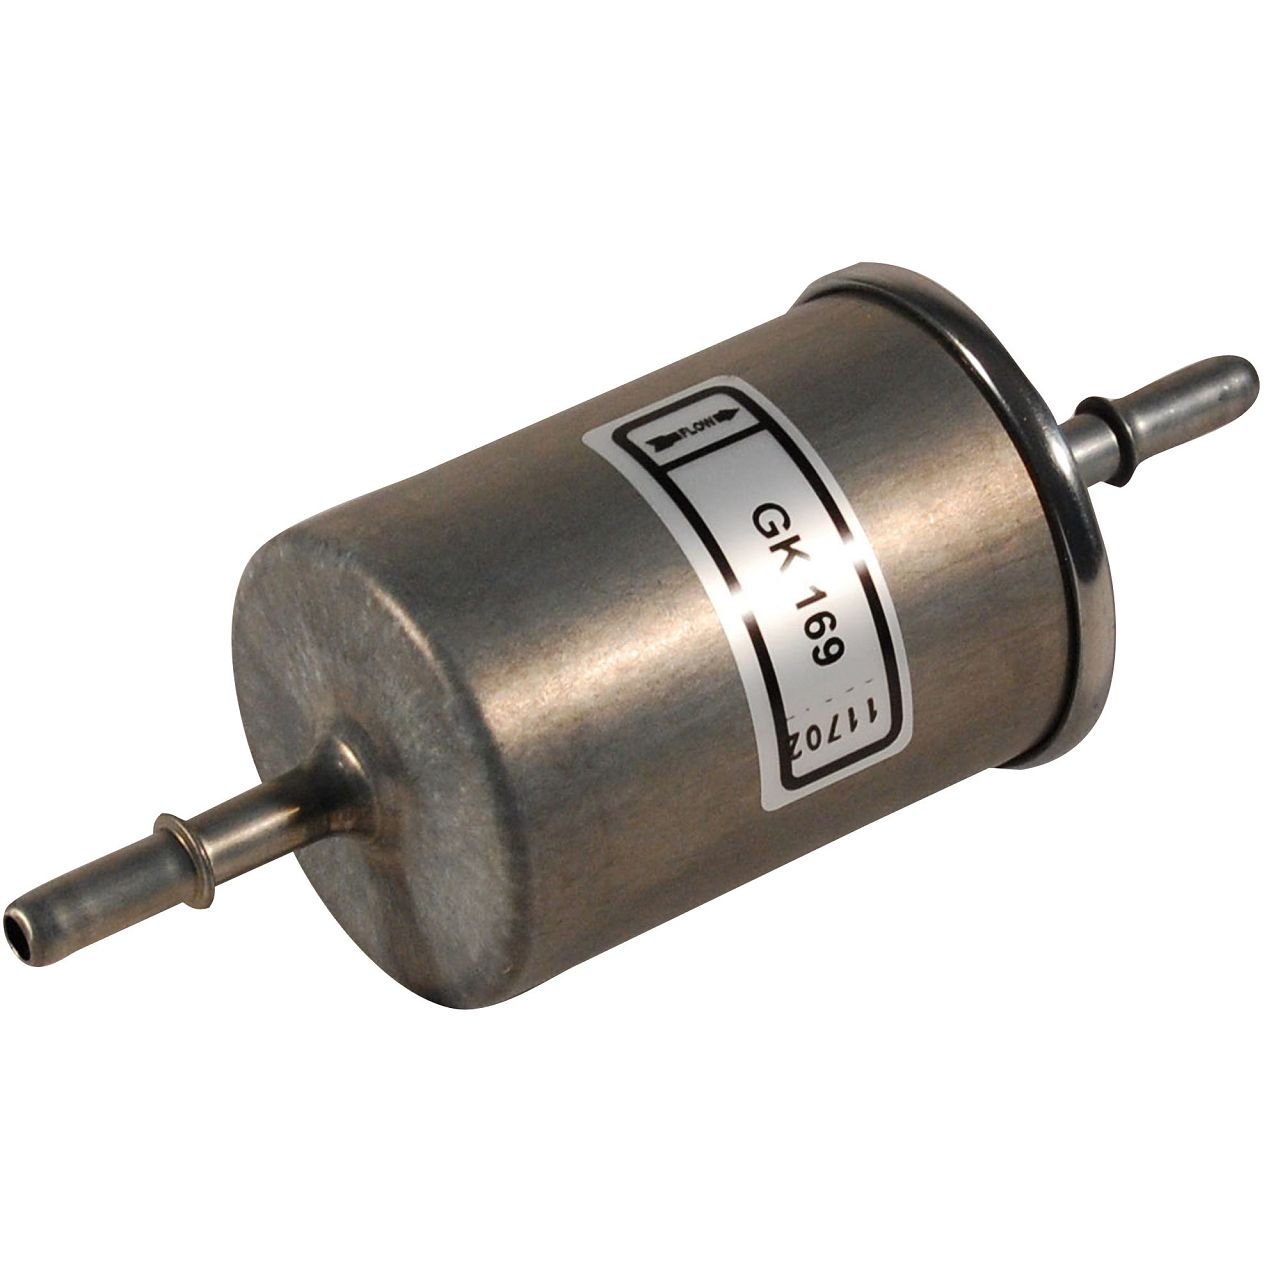 Inspektionskit SAAB 9-5 YS3E 2.0 t / Biopower + 2.3 t / Turbo / BioPower